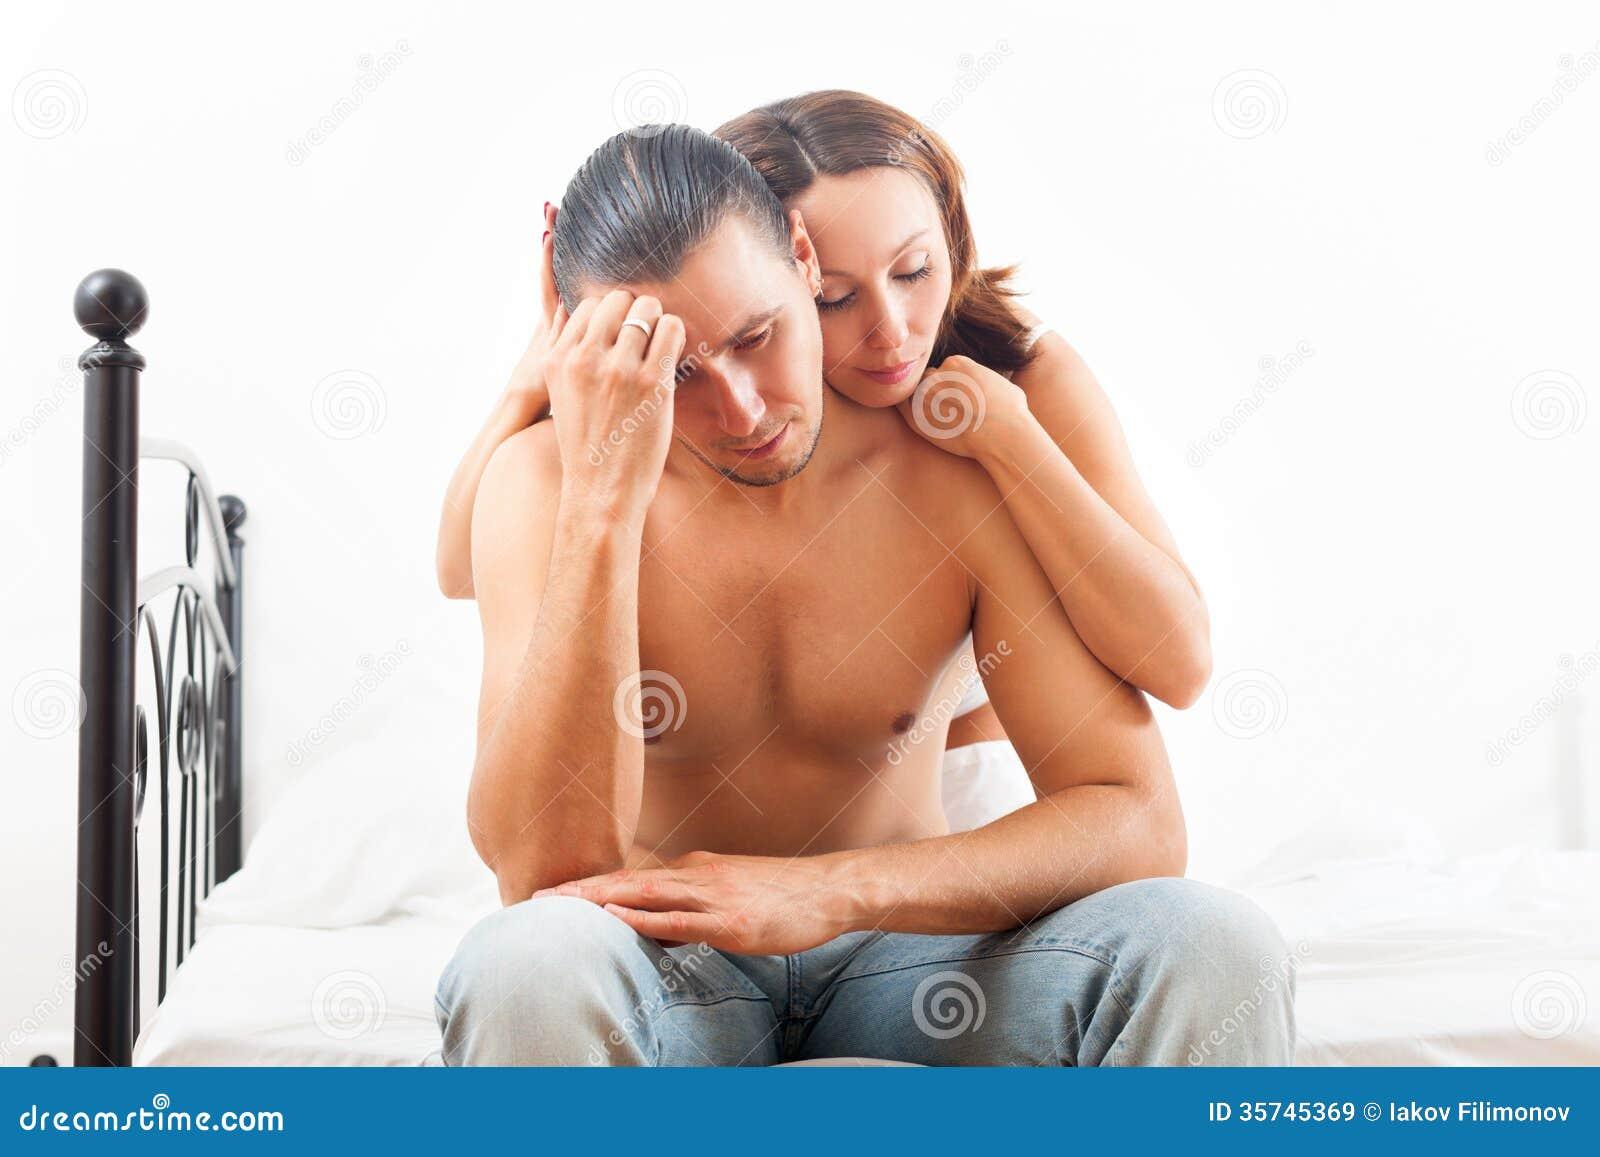 L 39 uomo ha fronte triste donna che lo consola sul letto in - Uomo leone a letto ...